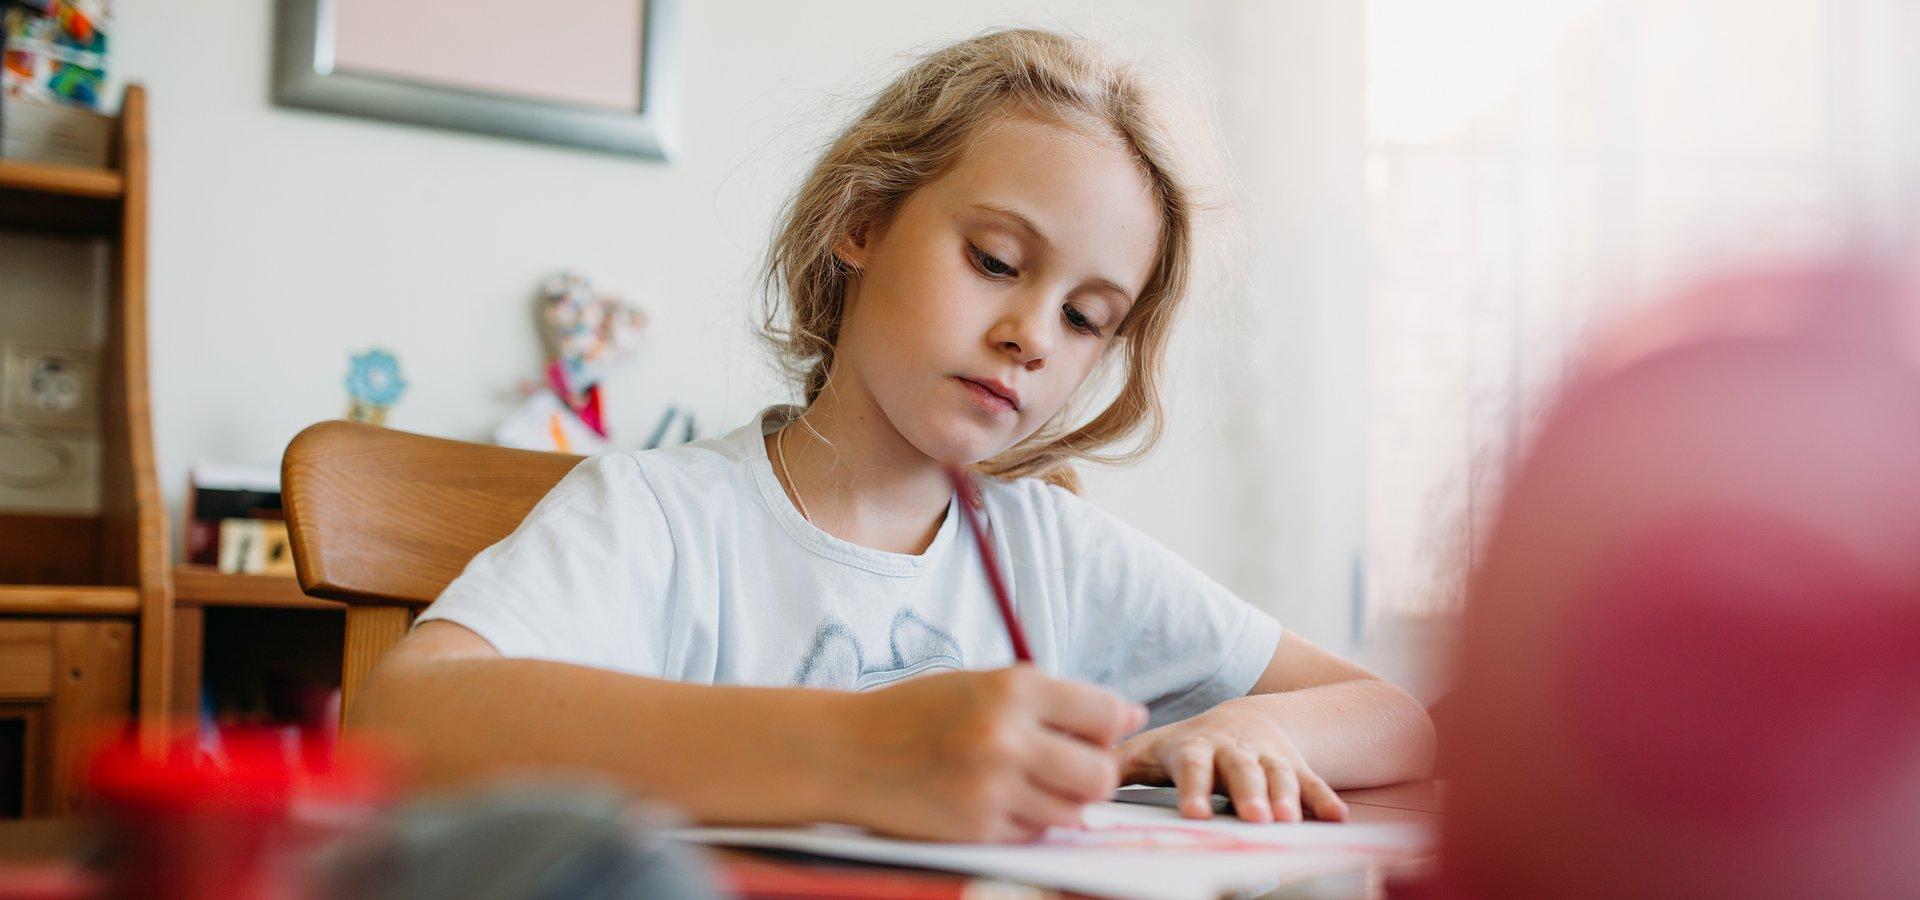 Powrót do szkoły, a kryzys psychiczny dziecka